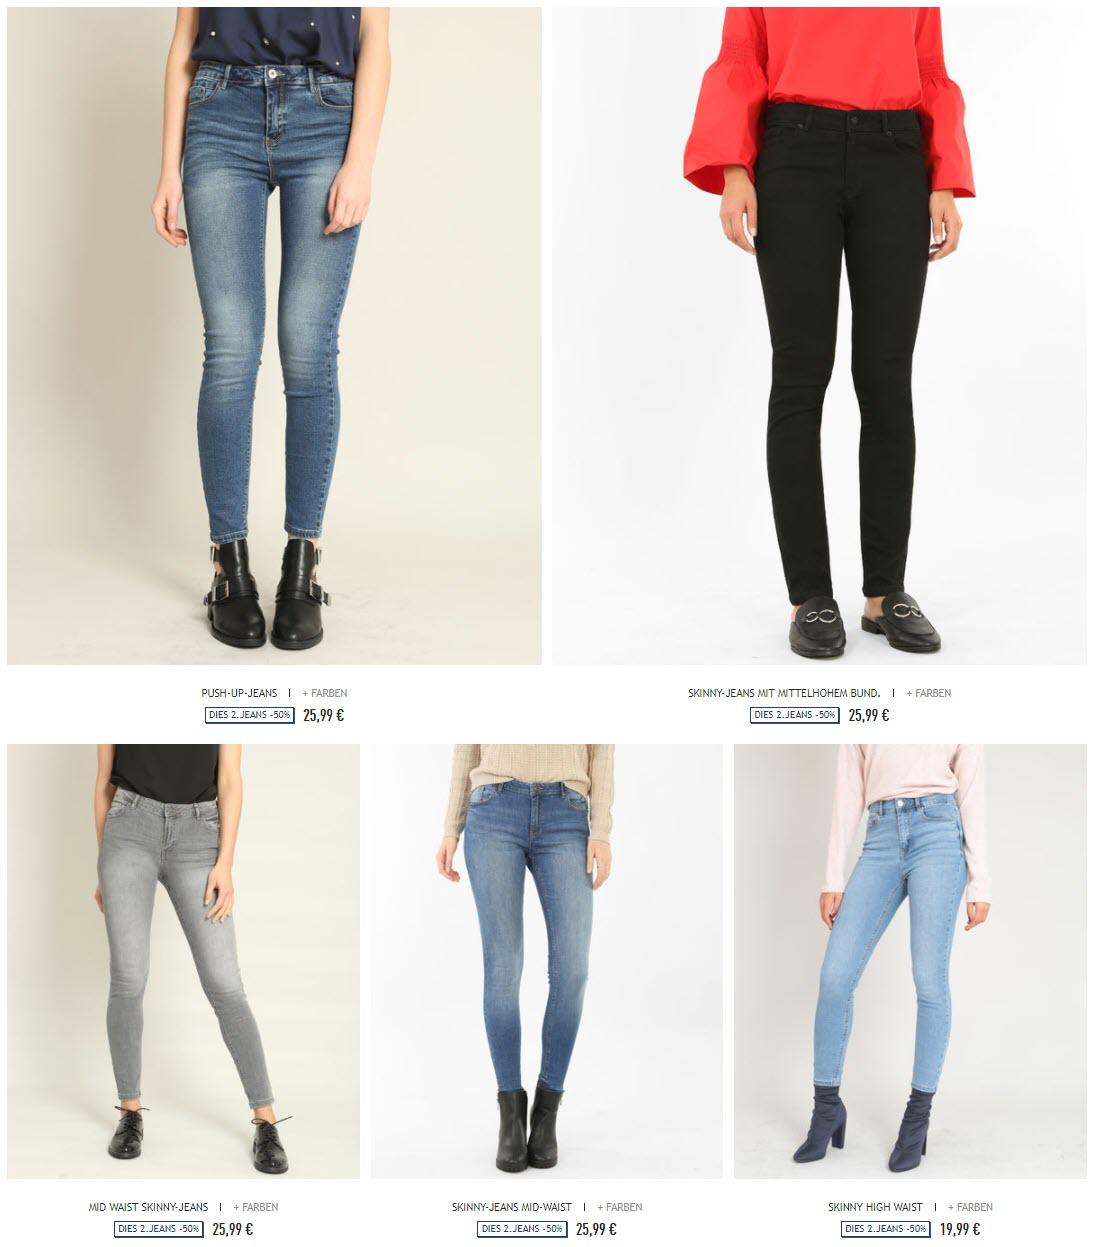 На вторую пару джинс Доп. скидка 50% из магазина Pimkie (Германия)